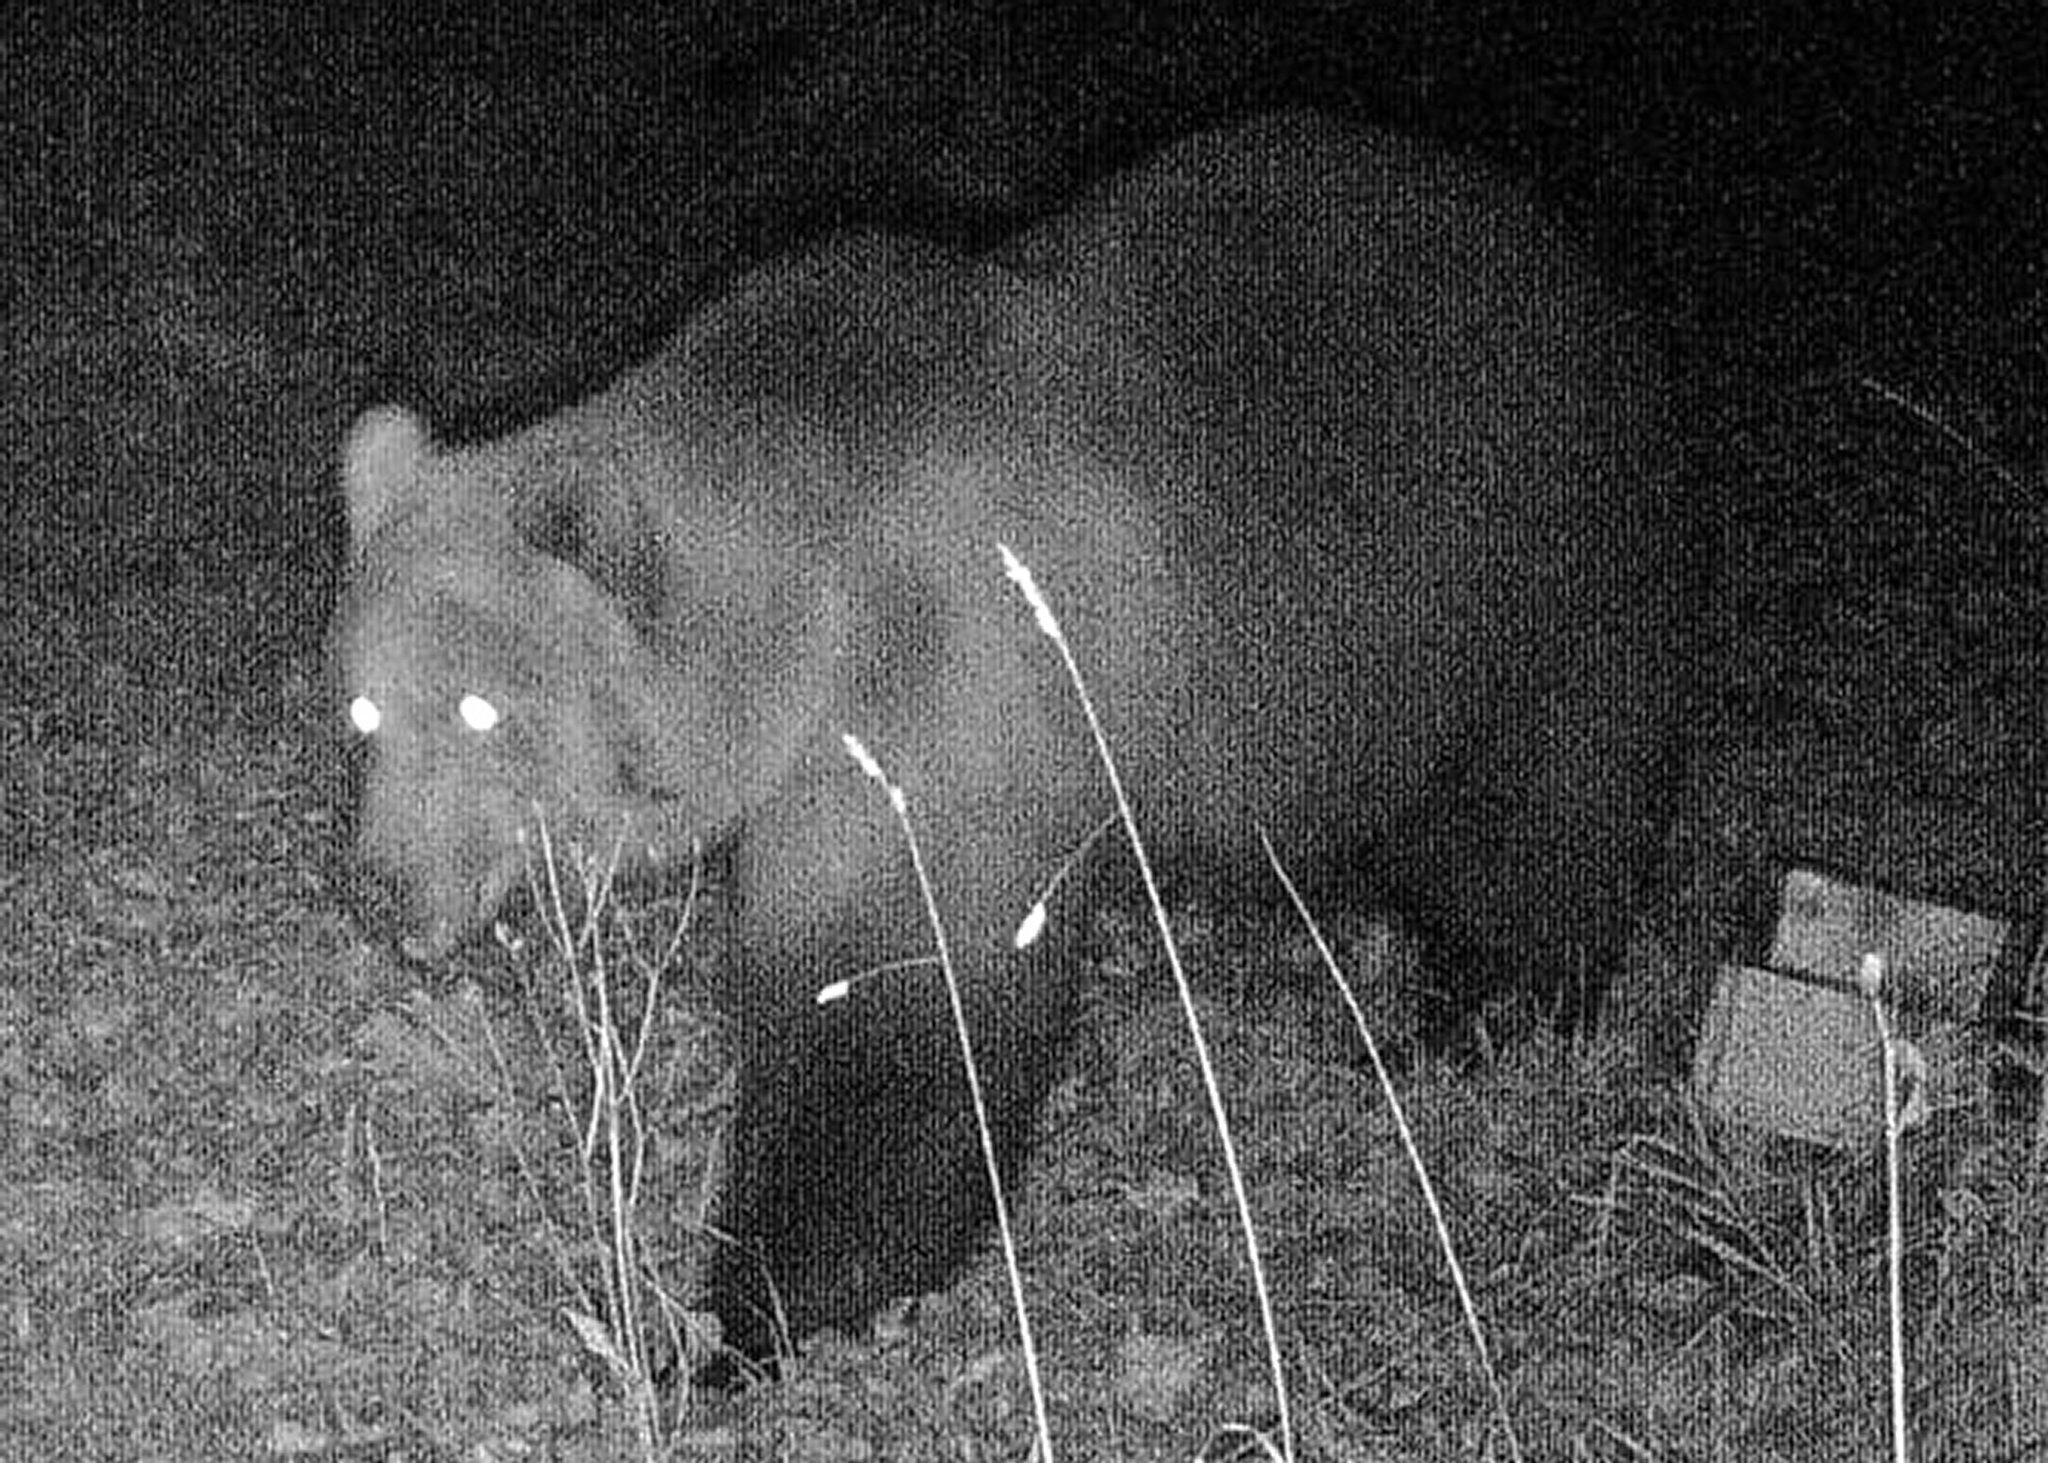 Bild zu Wildtierkamera dokumentiert einen Bären in Bayern